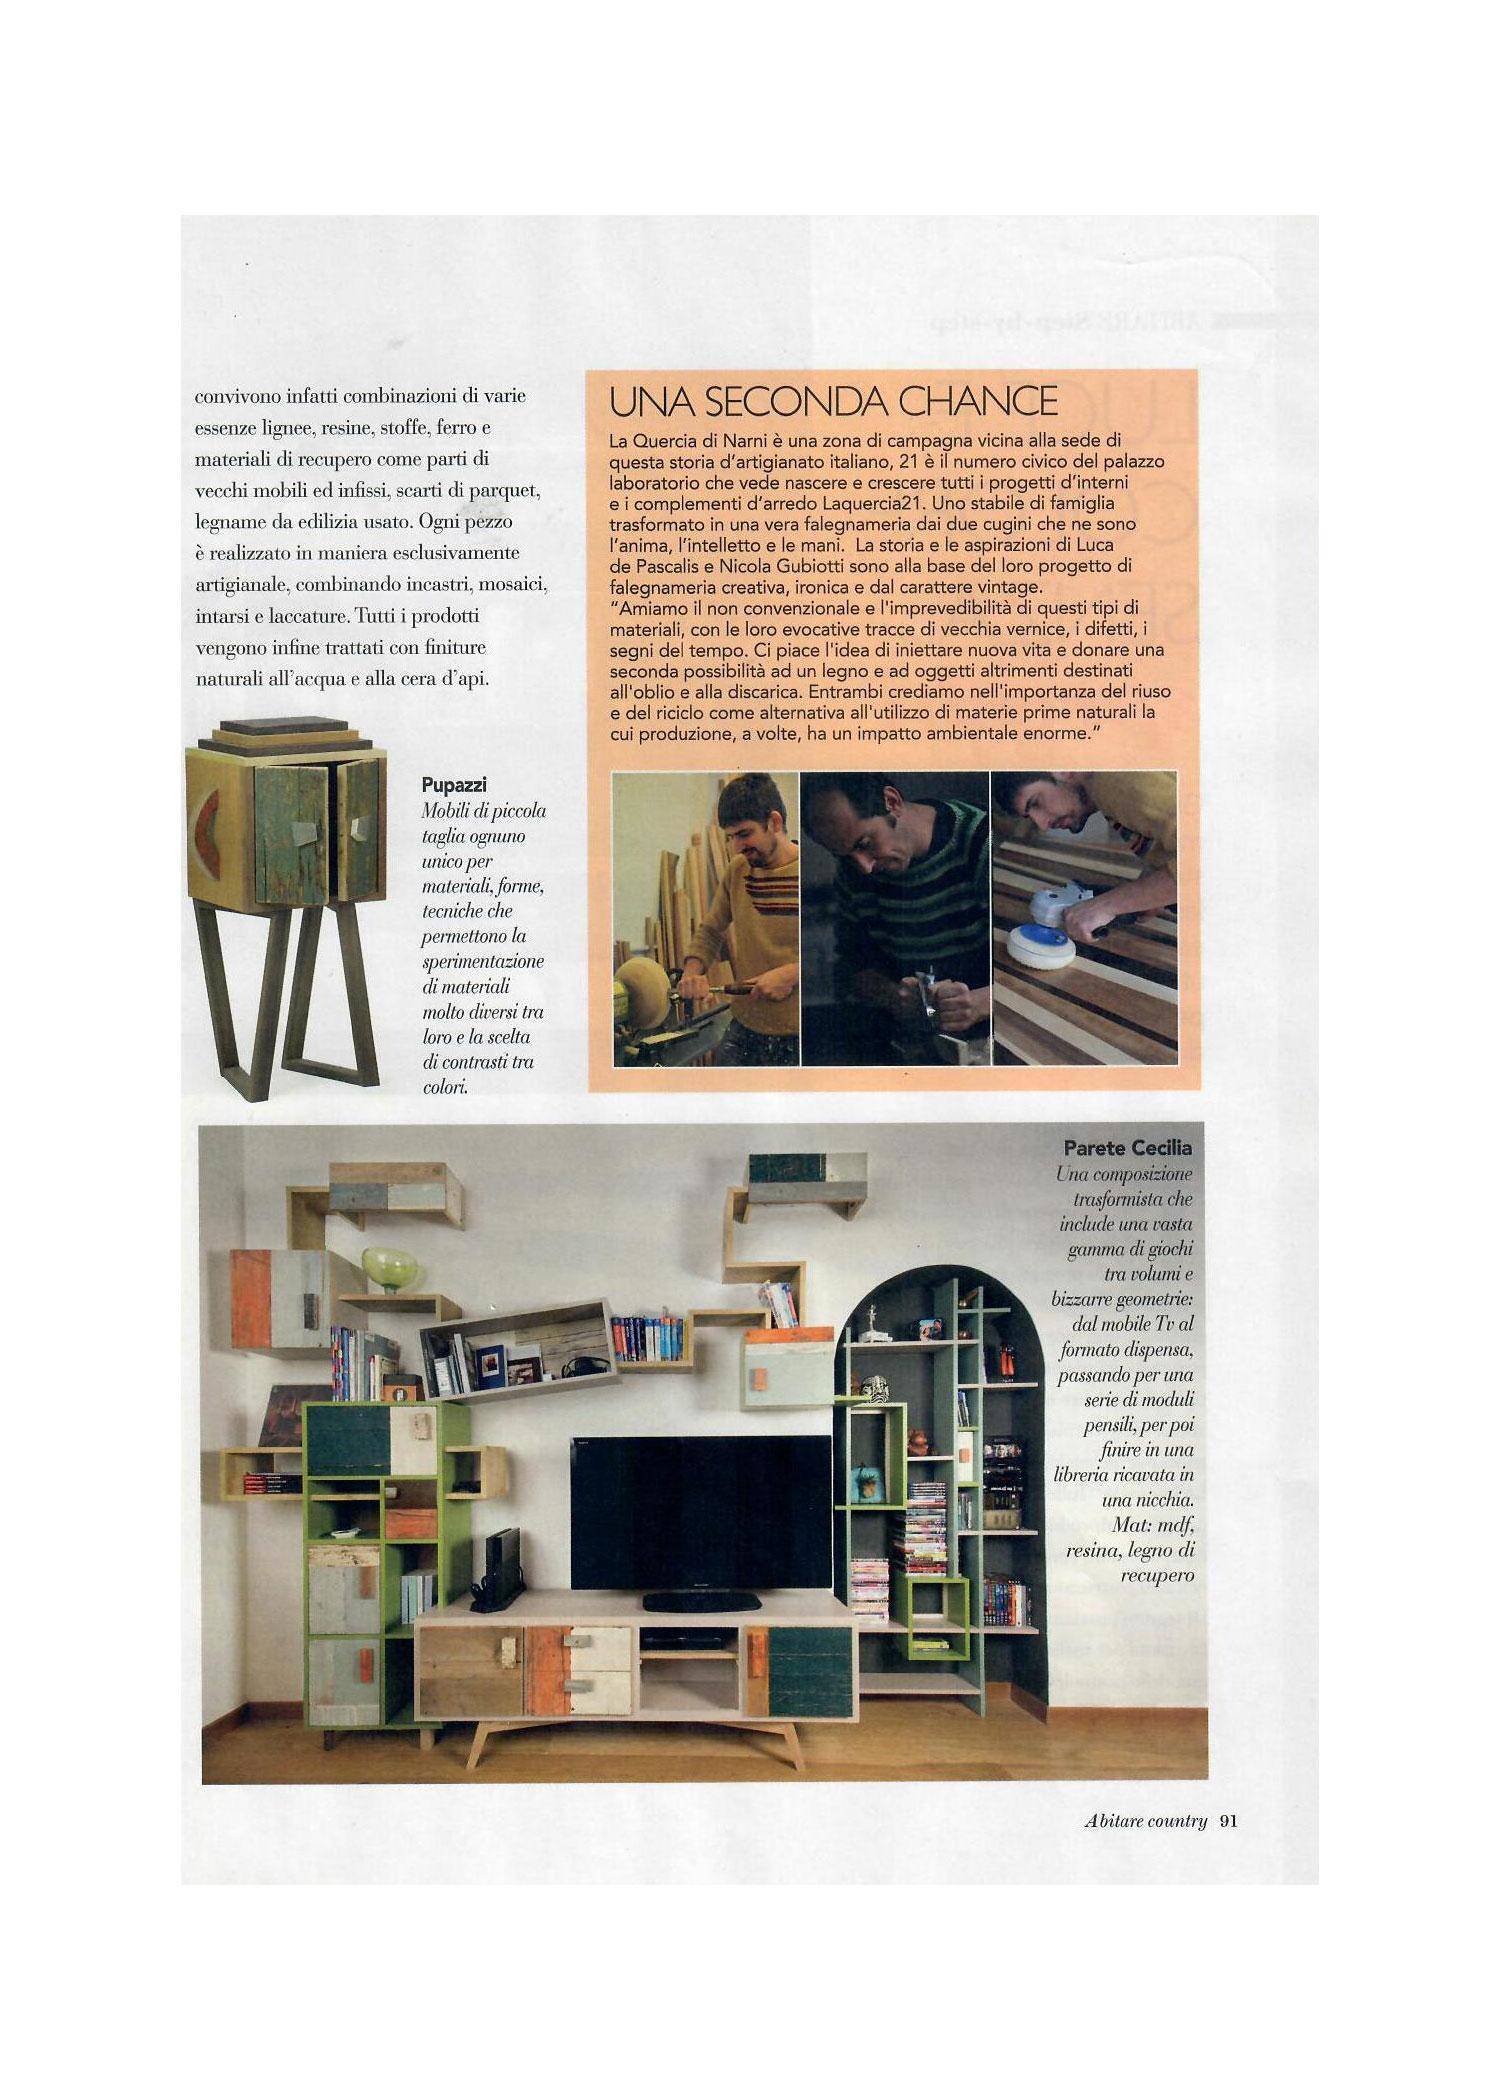 Abitare Country rivista design Laquercia21